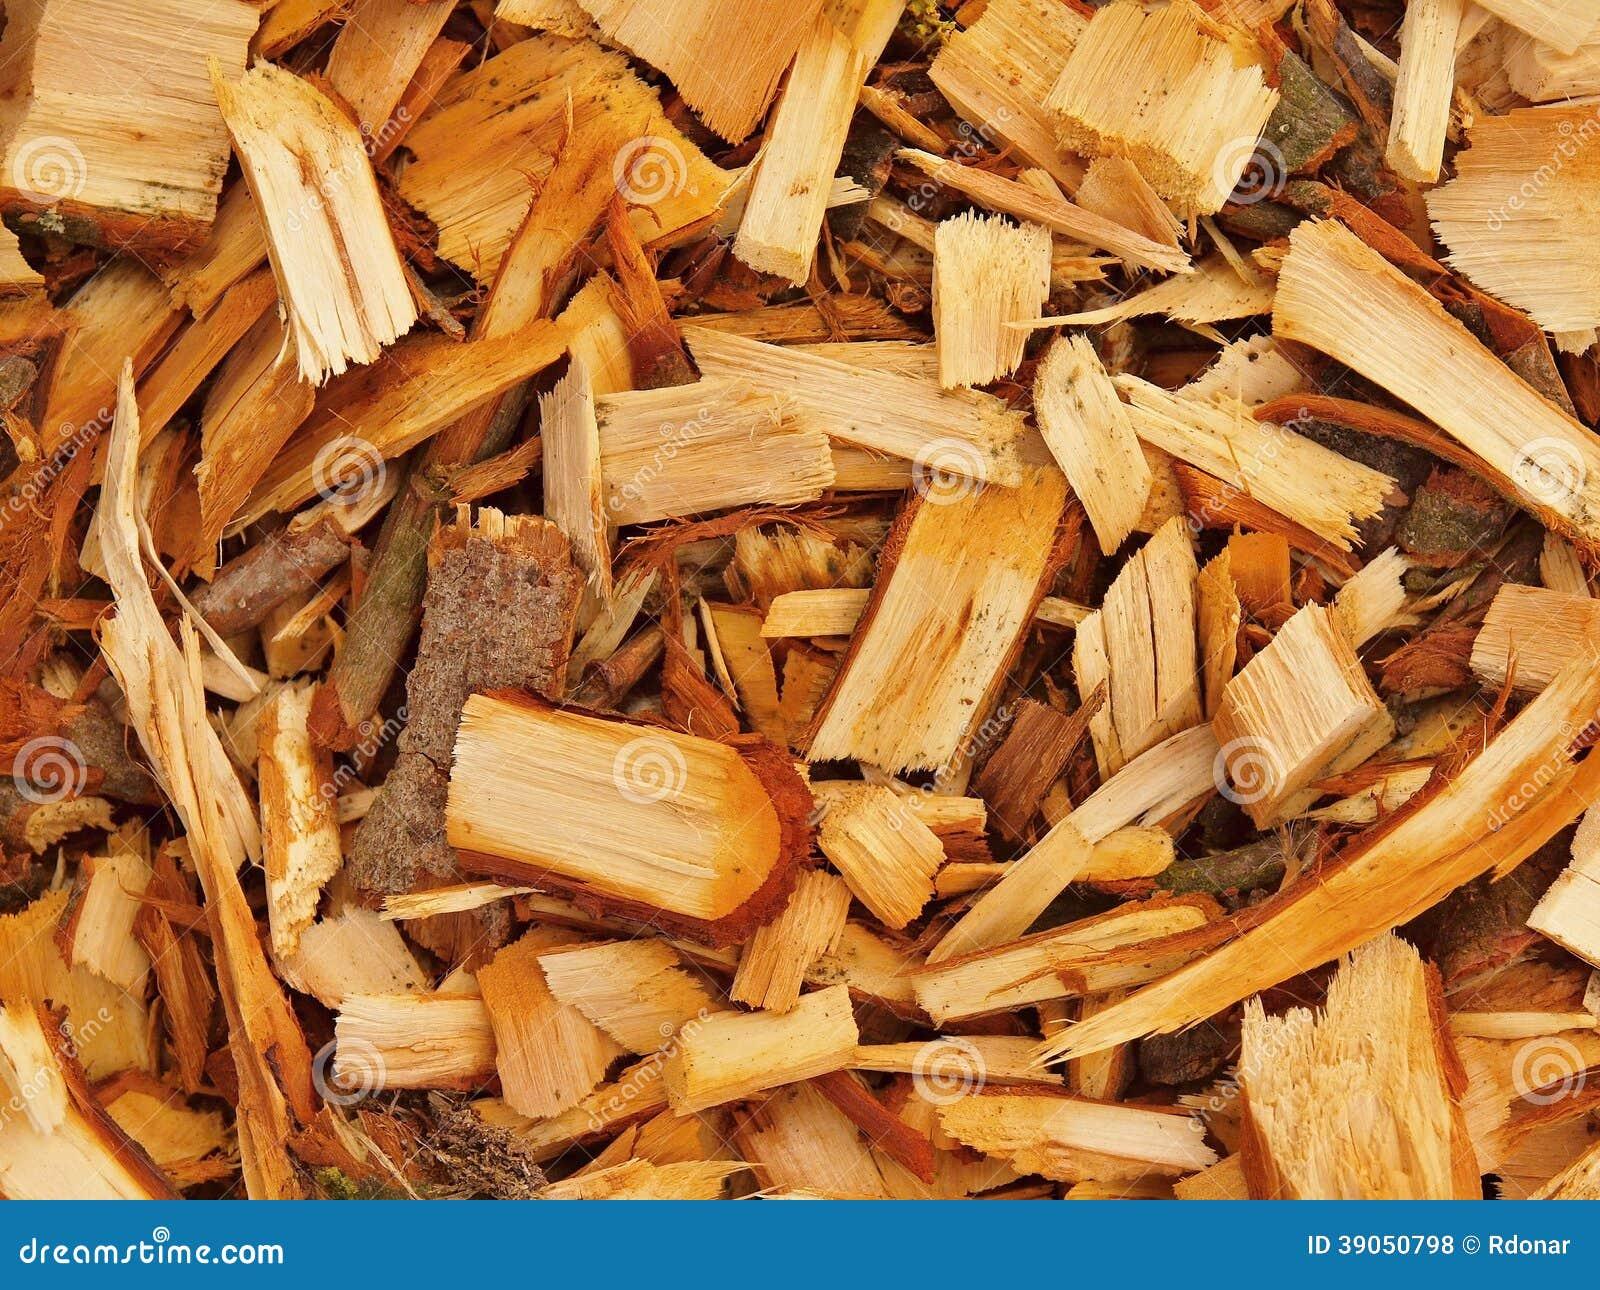 D chet de bois humide frais d 39 arbre d 39 aulne texture photo stock image 39050798 - Aulne bois de chauffage ...